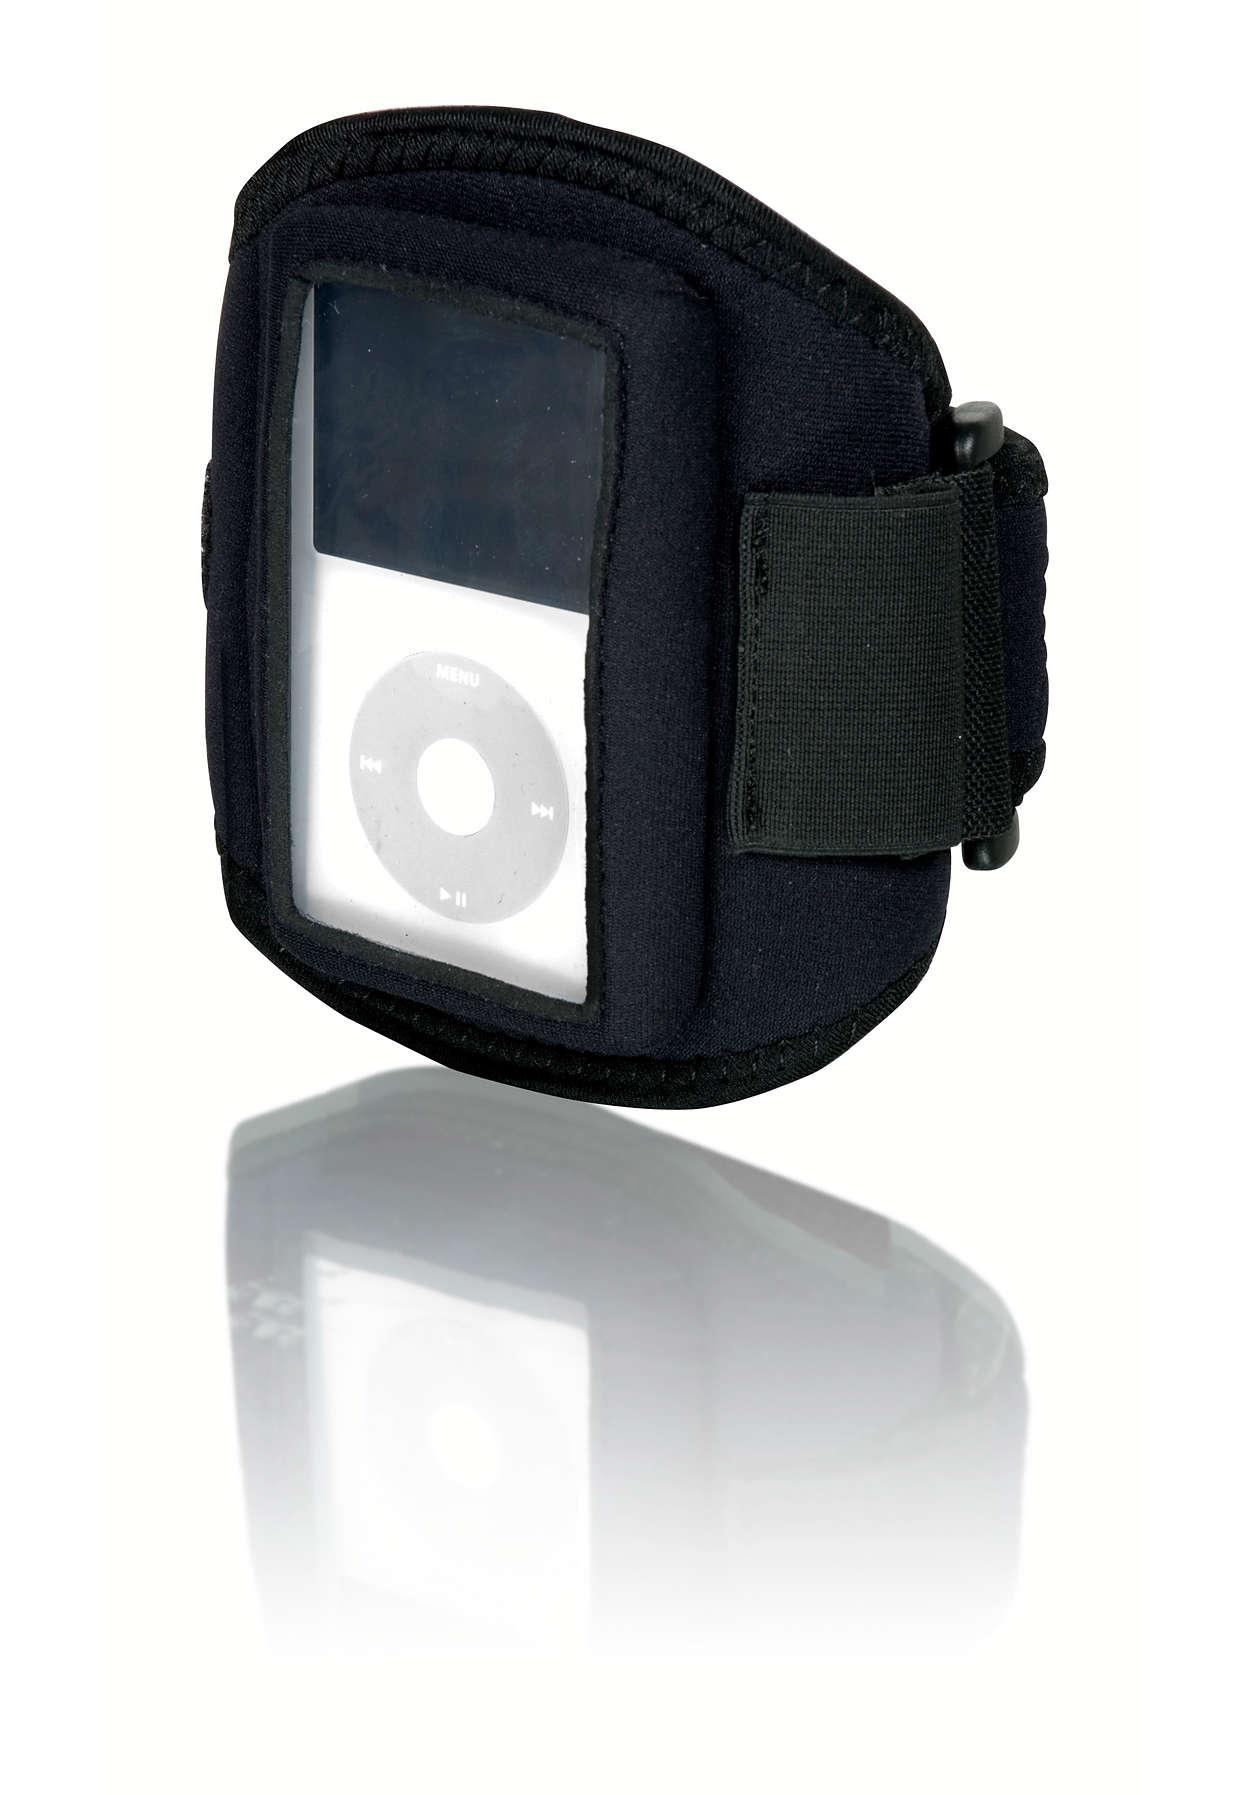 Trenuj ze swoim odtwarzaczem iPod Video